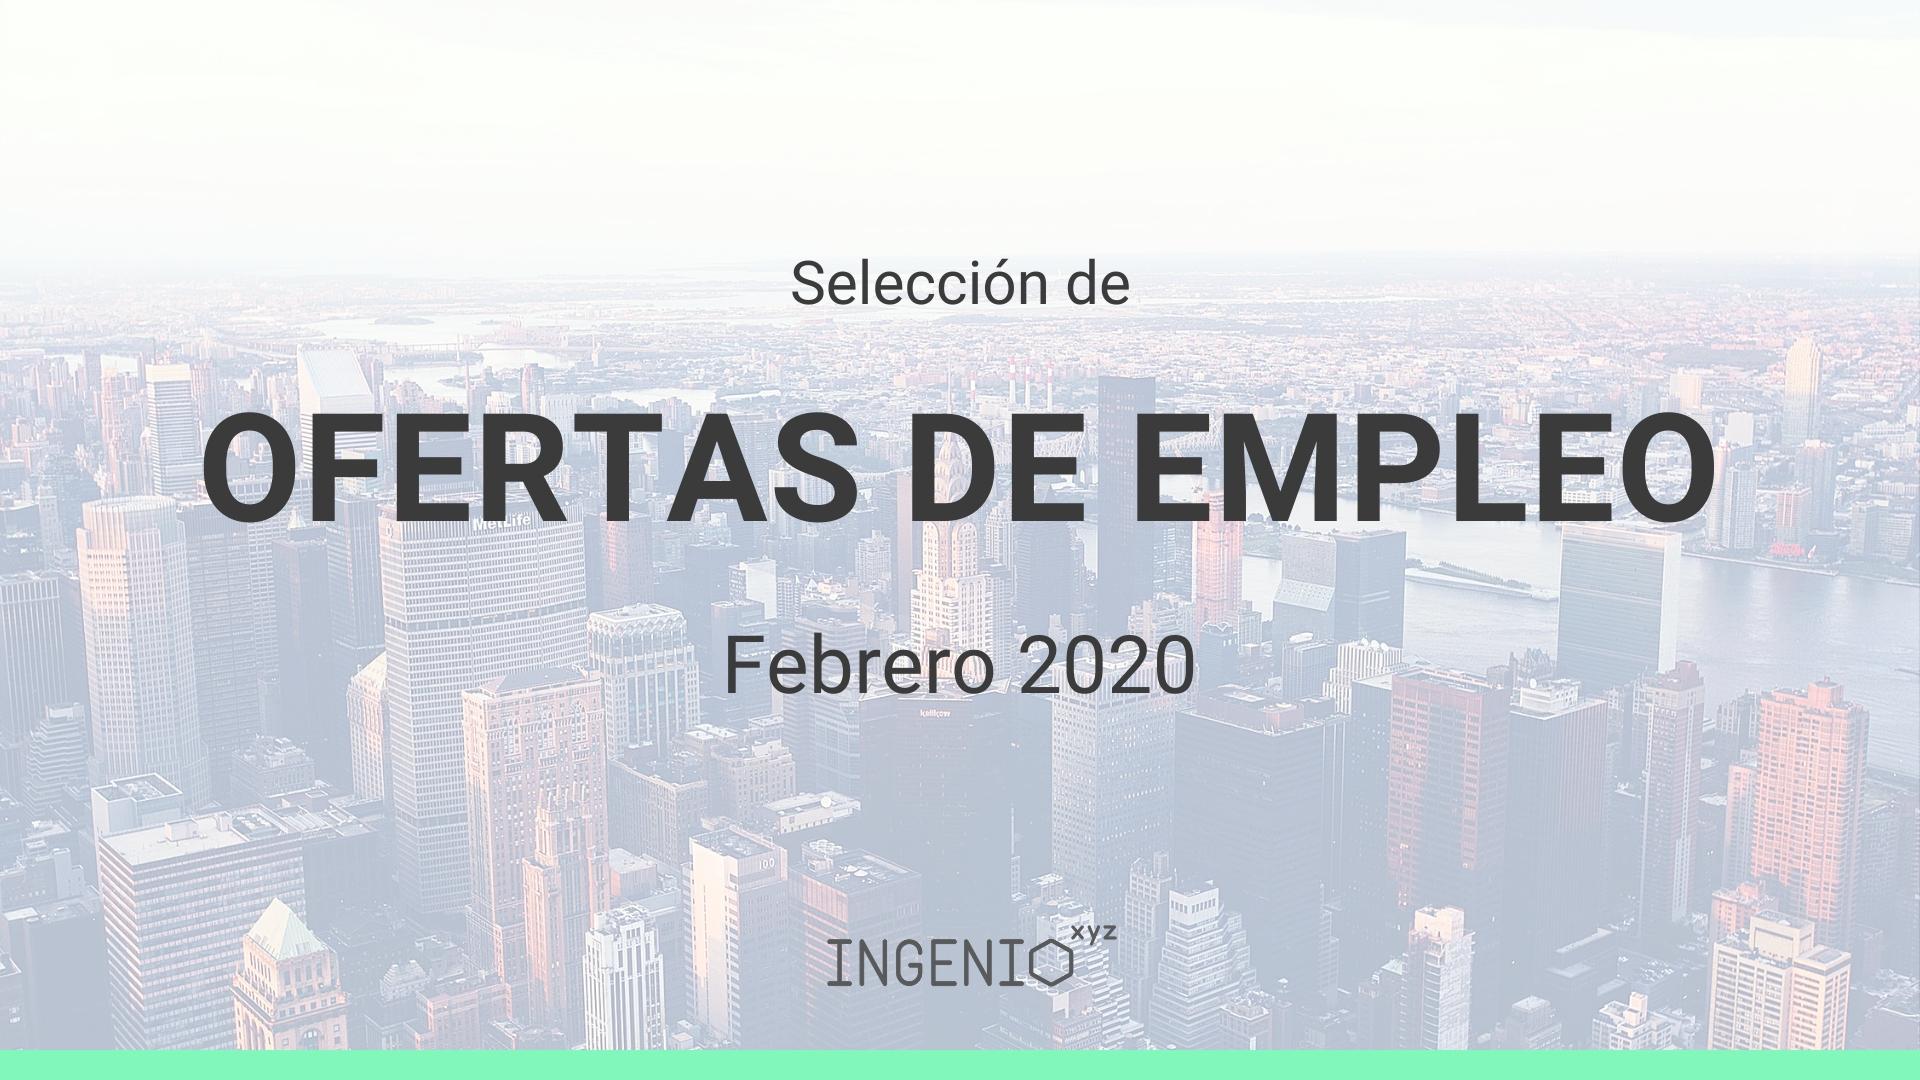 Imagen Selección ofertas de empleo Febrero 2020